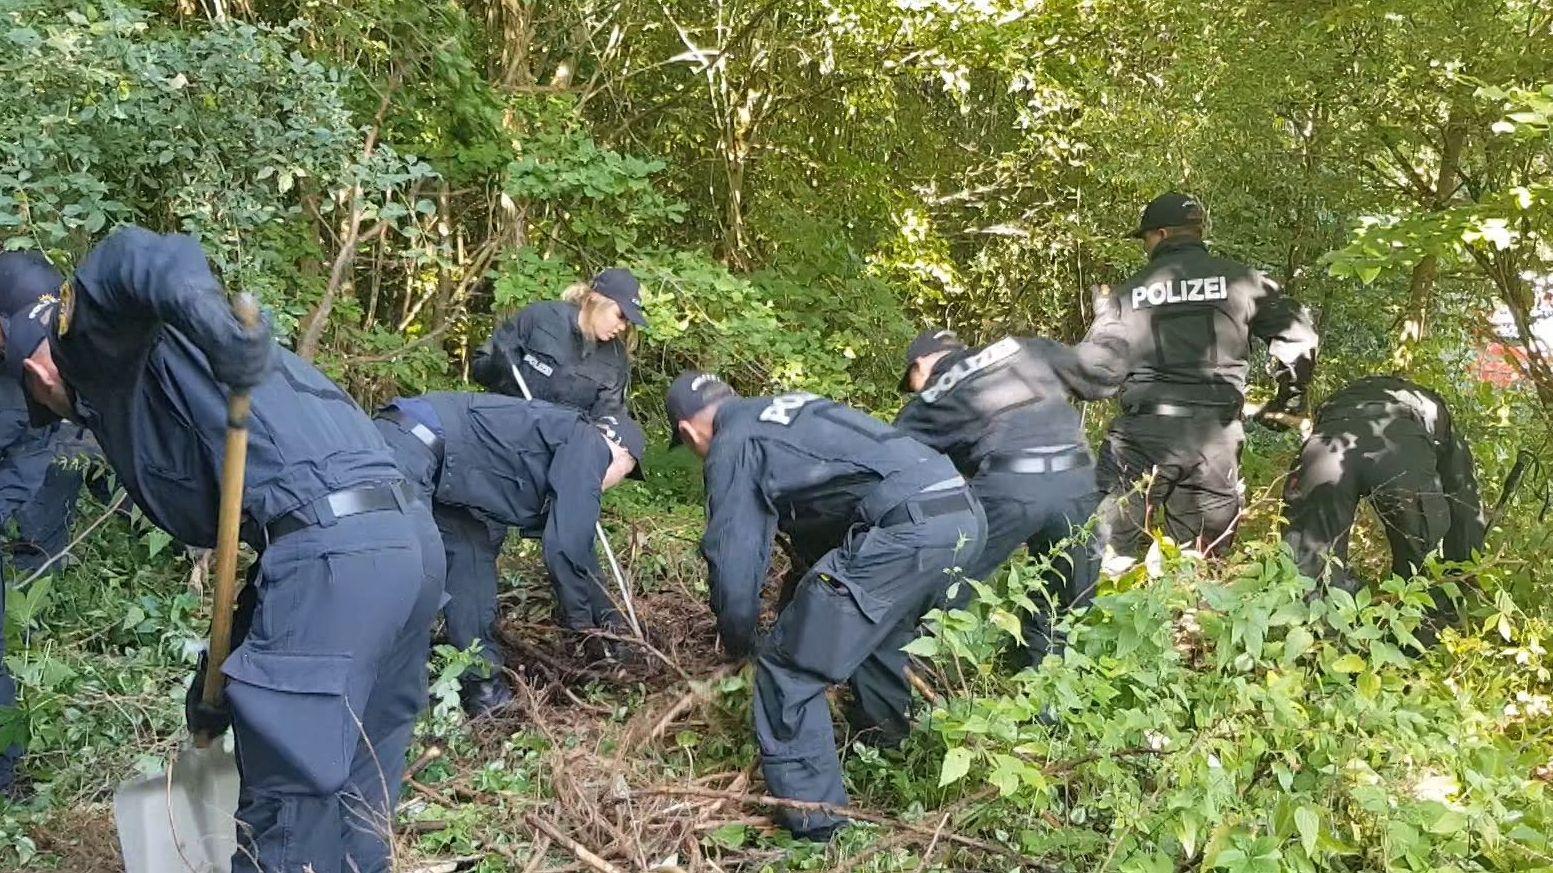 Polizisten auf der Suche